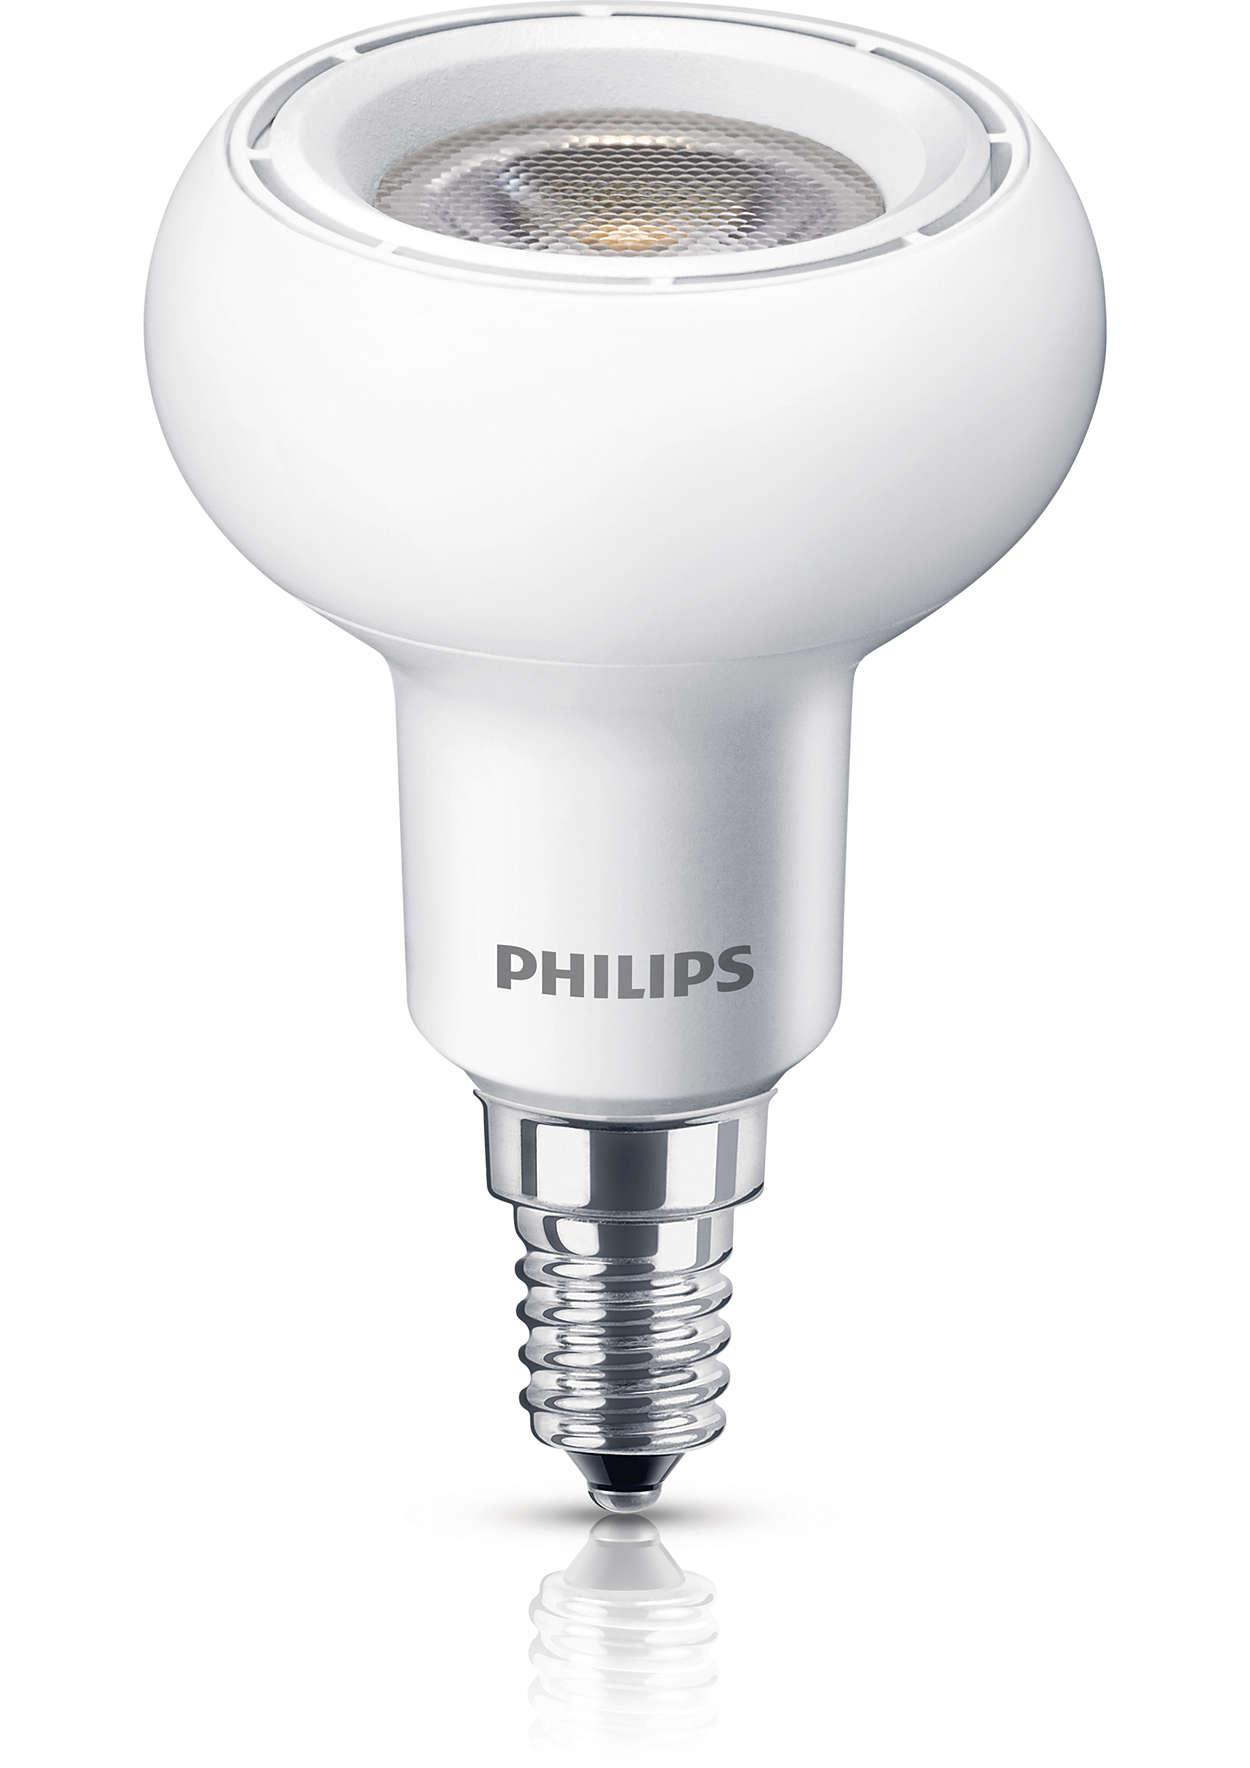 Prepoznatljivo svjetlo susreće inovativan dizajn